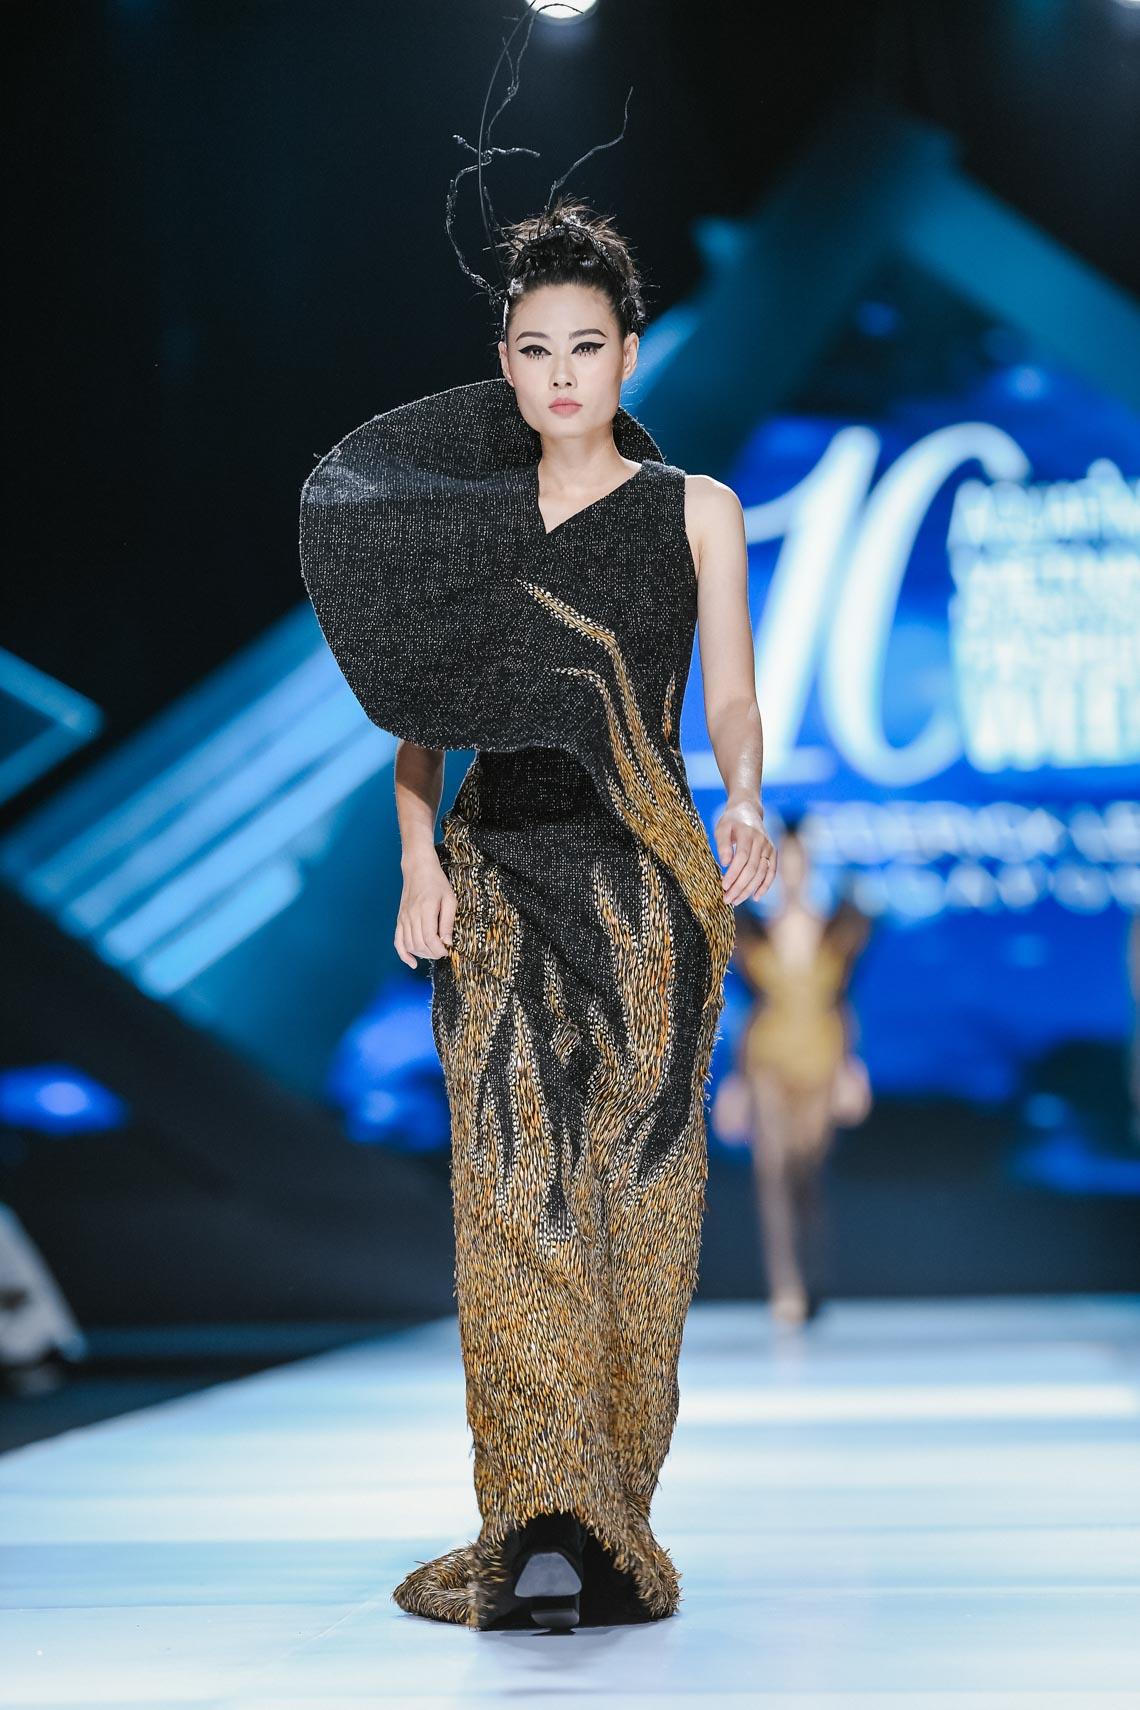 Siêu mẫu Thanh Hằng trong BST mới nhất của Frederick Lee trên sàn diễn Tuần lễ Thời trang Quốc tế Việt Nam Thu Đông 2019 - 20